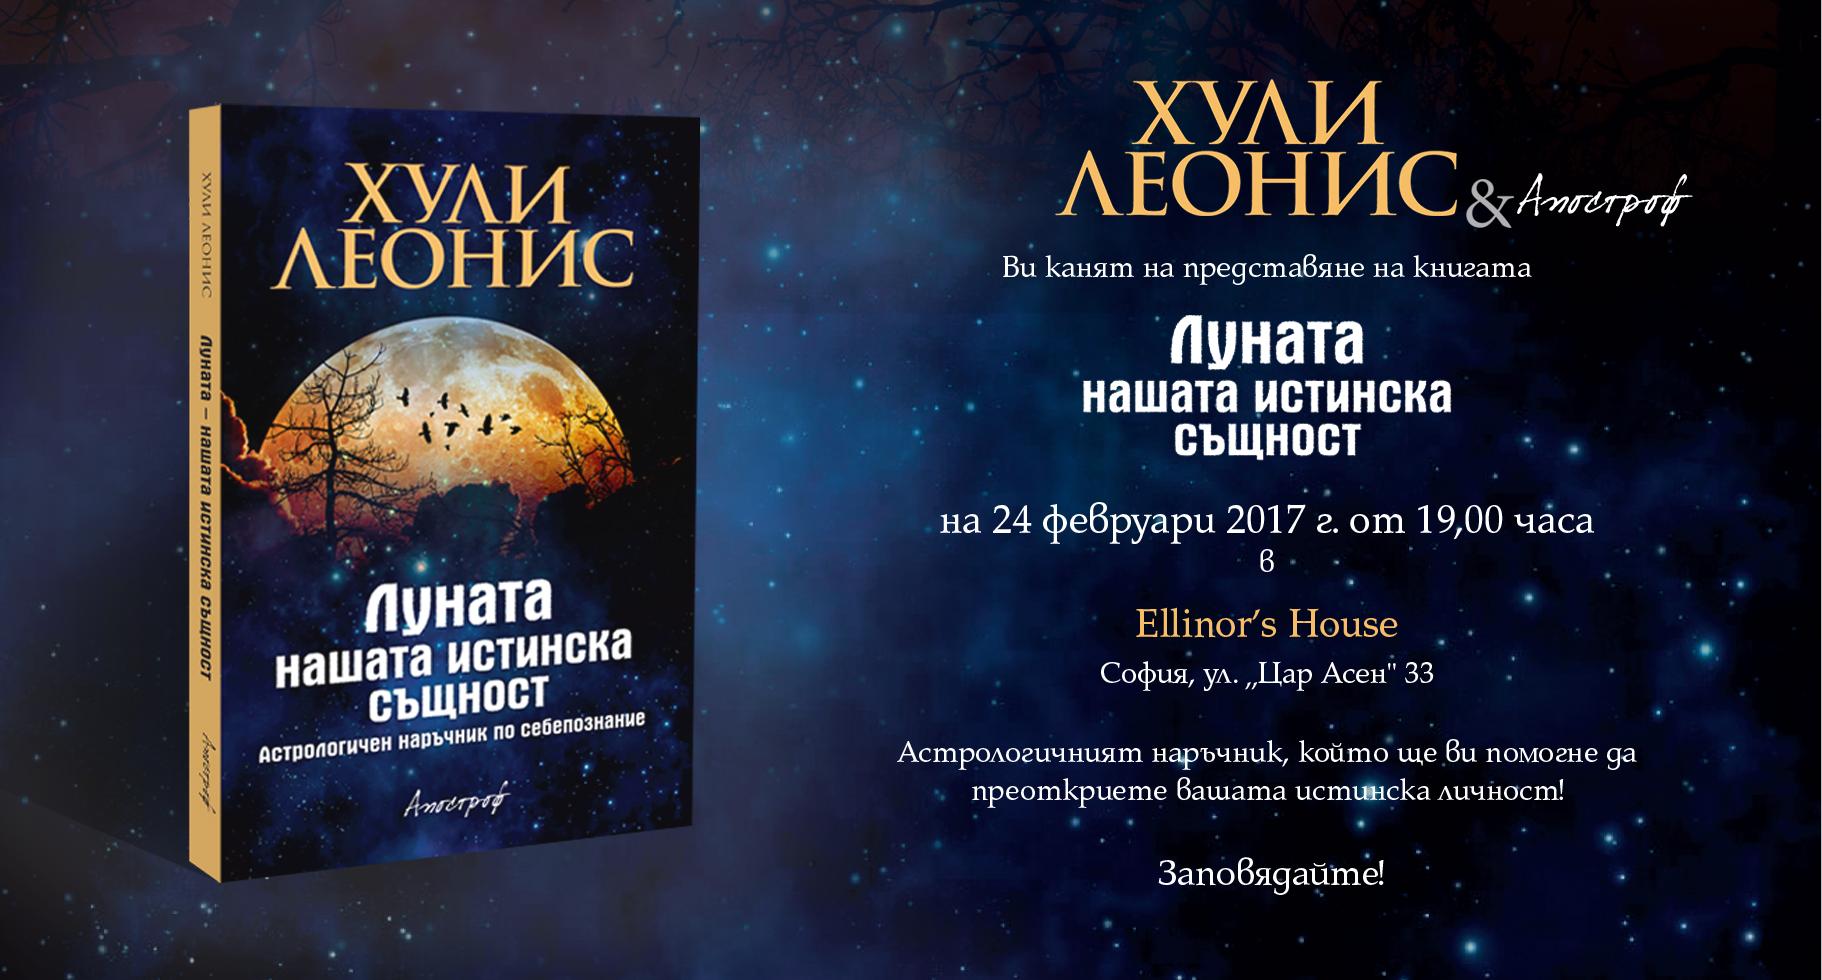 """Представяне на книгата """"Луната – нашата истинска същност"""""""